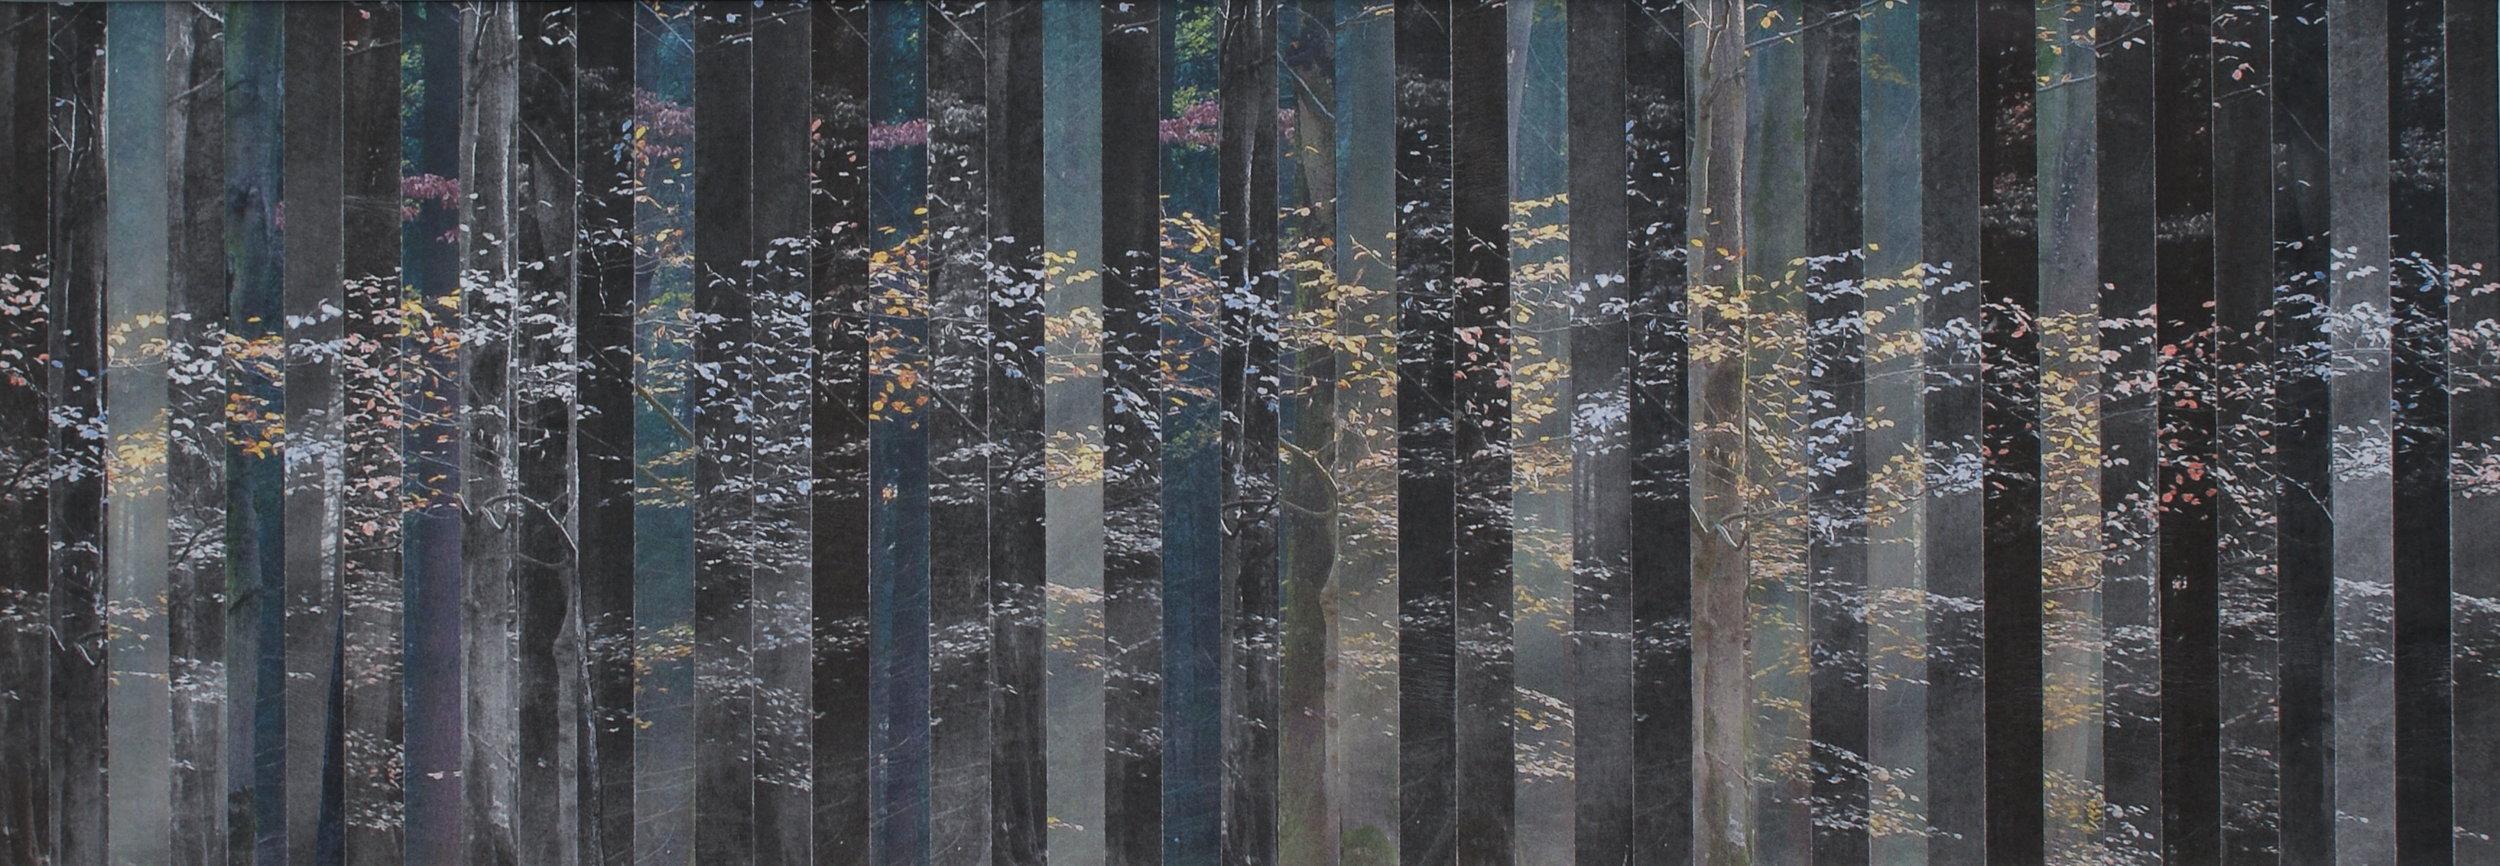 Bosrand IV,  2017  (15 cm x 43 cm)